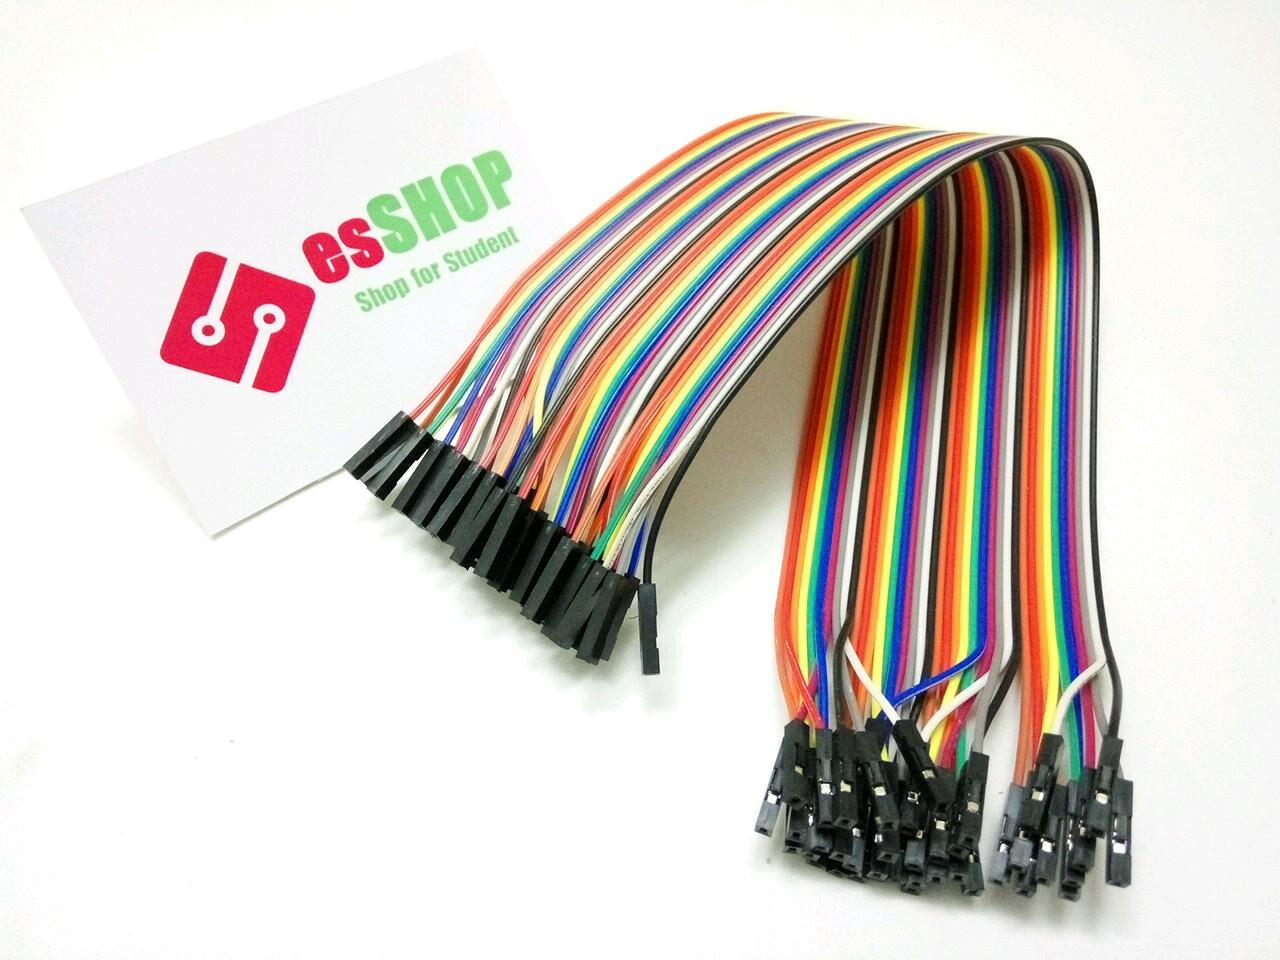 C0131 - Dây Cắm Testboard Cái-Cái 30 cm - 40 Sợi